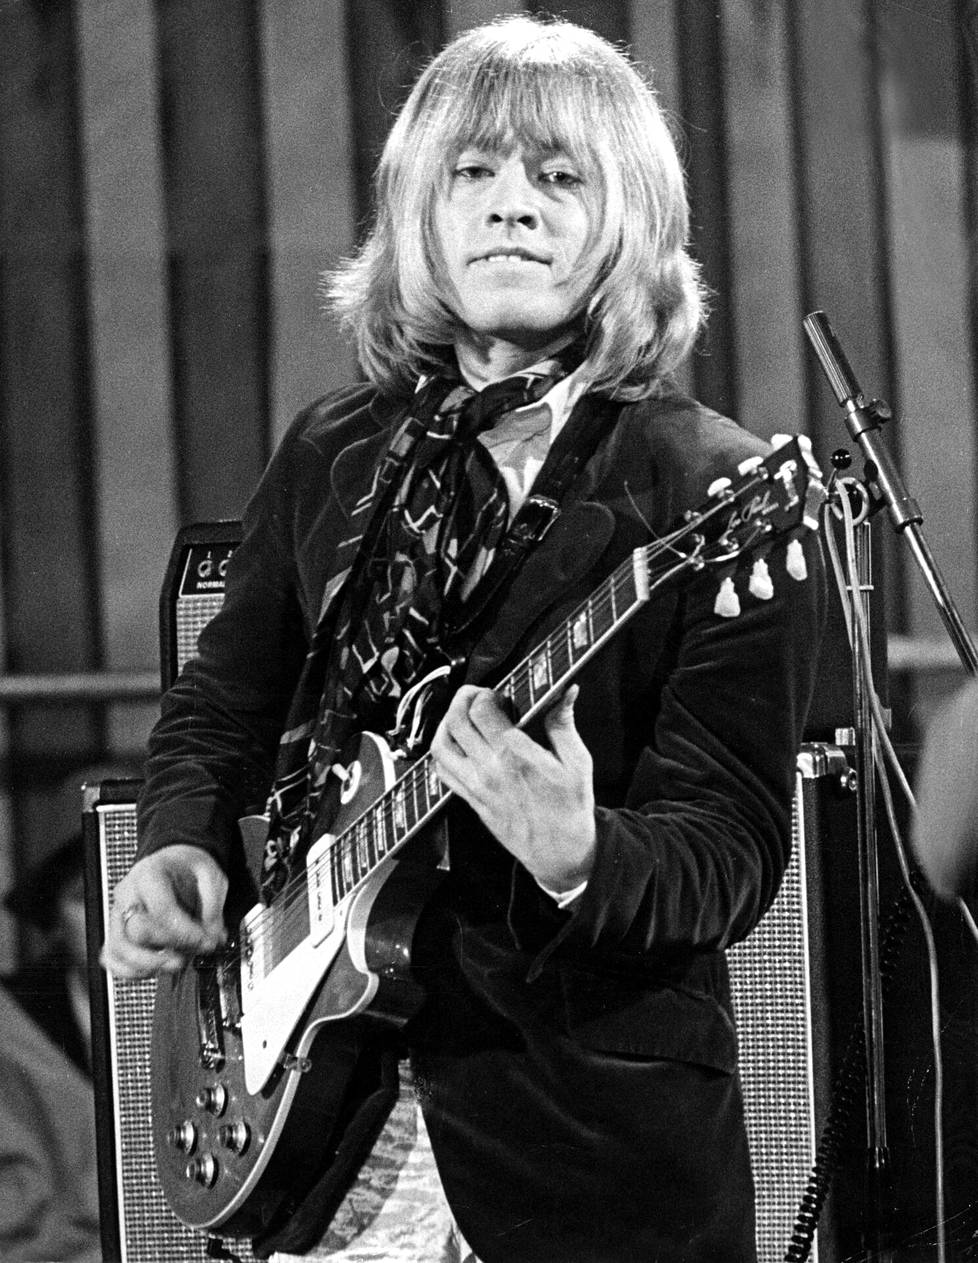 Brian Jones sai kesällä 1969 potkut Rolling Stonesista ja hukkui pian sen jälkeen uima-altaaseensa.